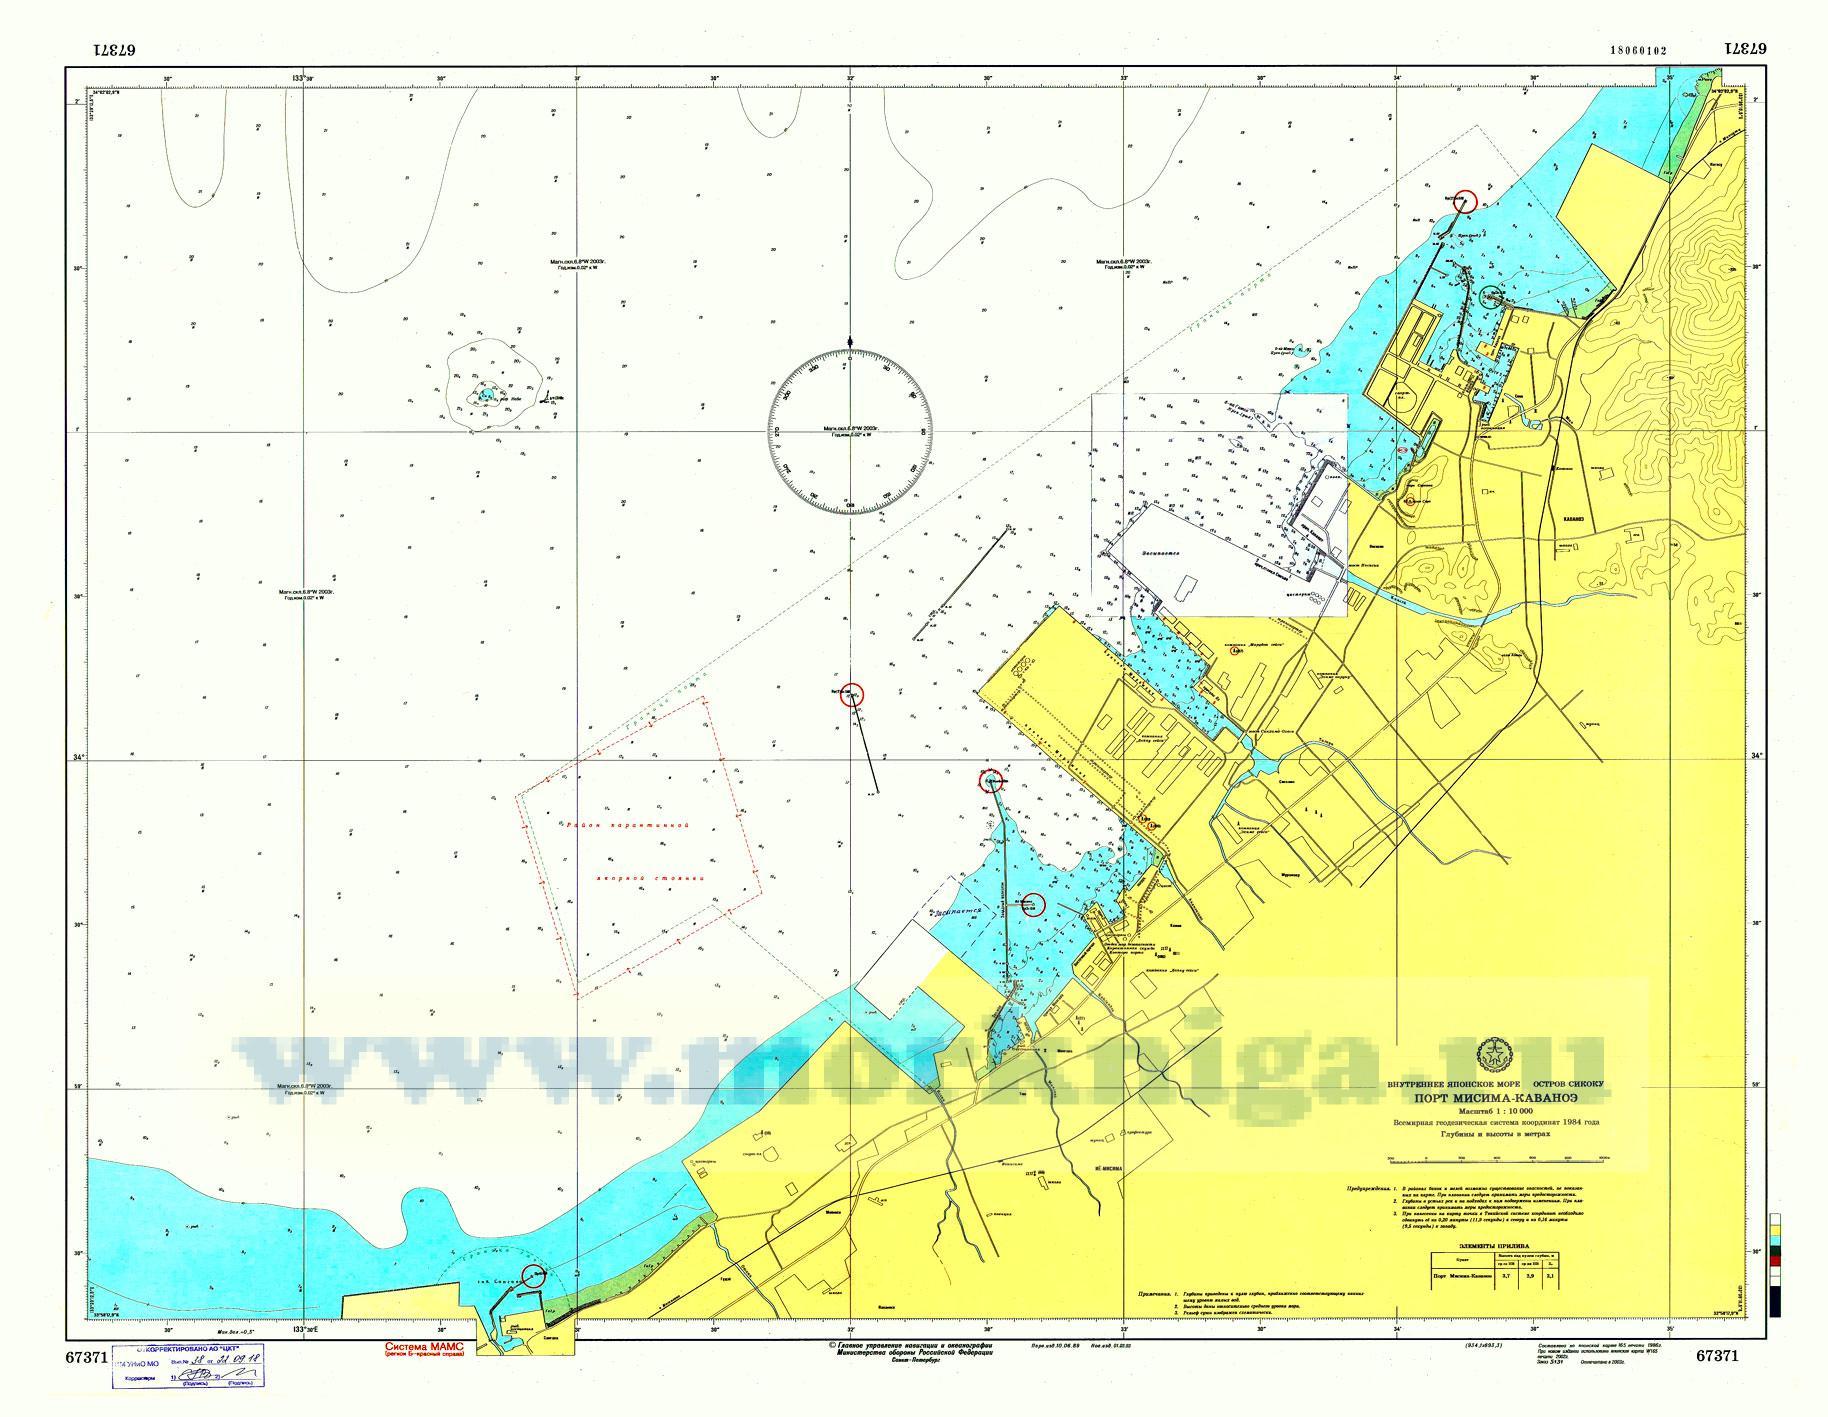 67371 Порт Мисима-Каваноэ (Масштаб 1:10 000)